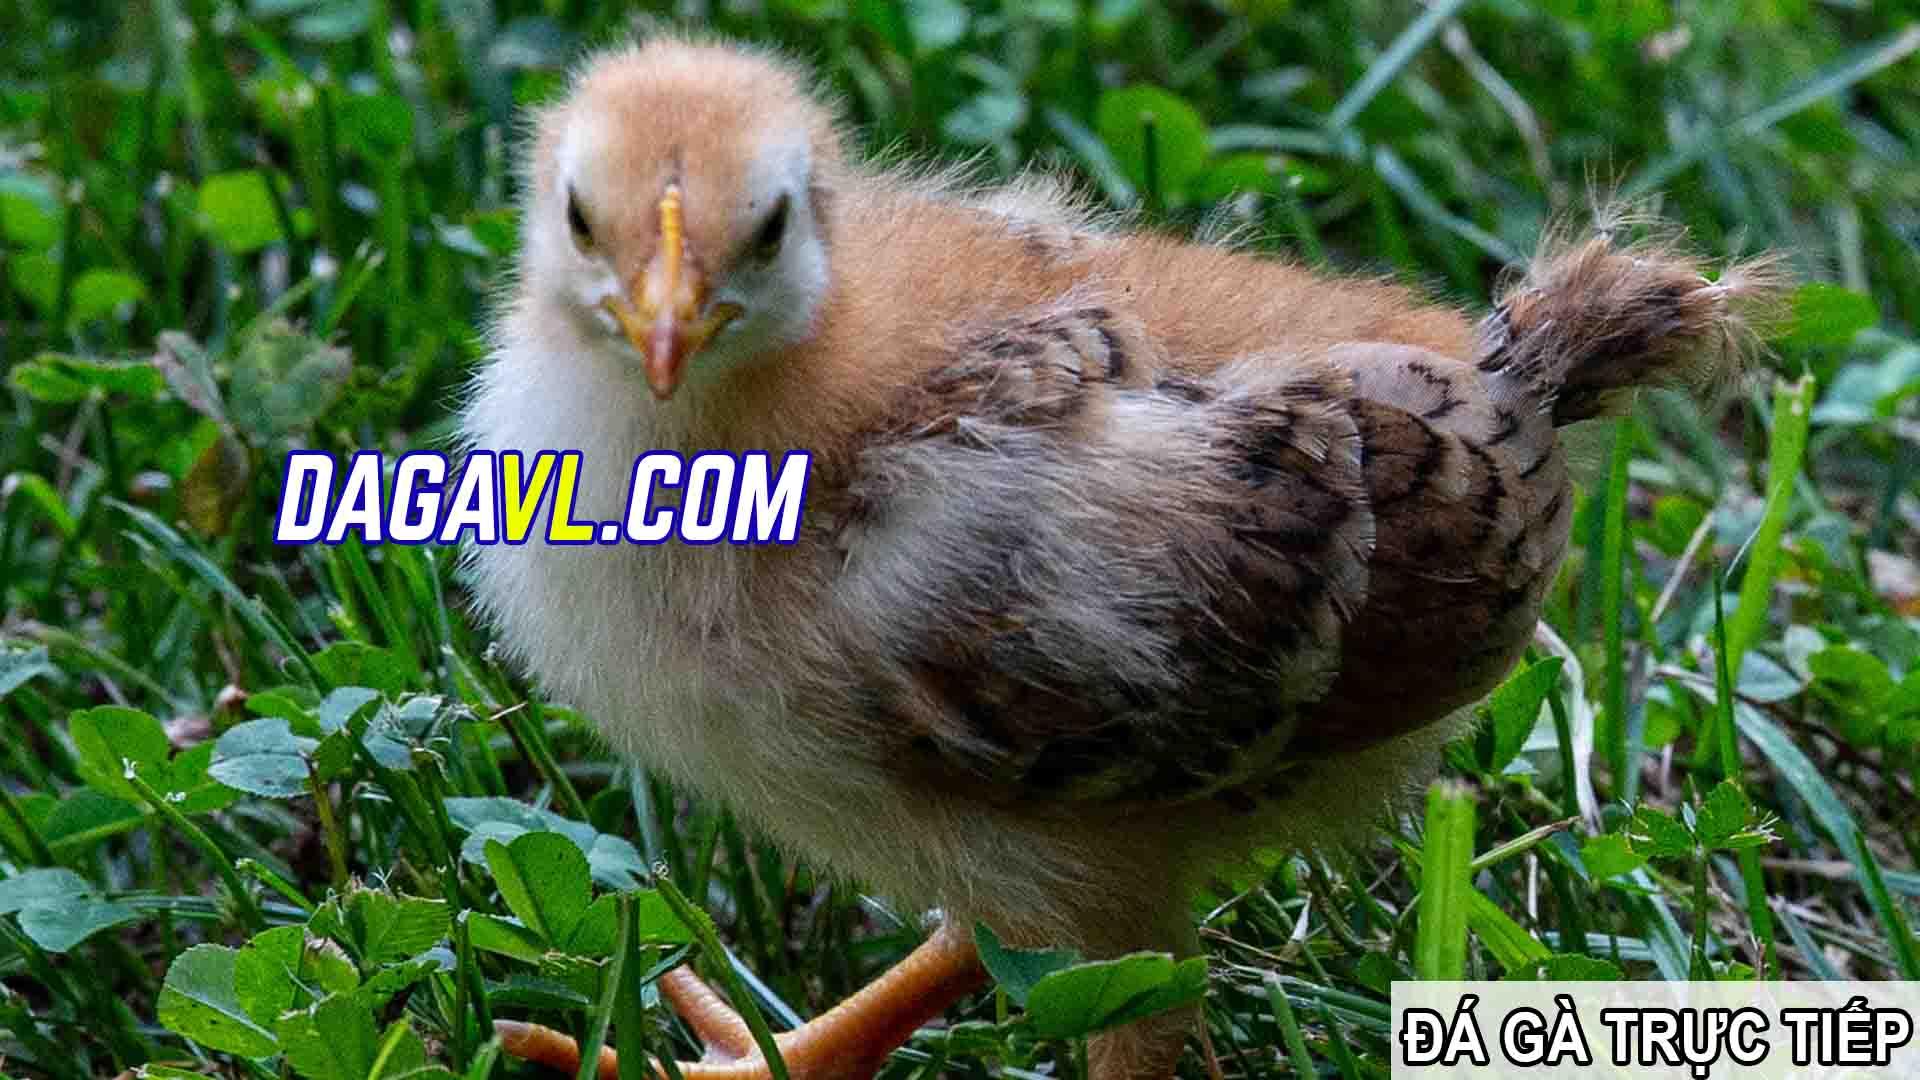 DAGAVL.COM - đá gà trực tiếp. Gà đá thay đổi màu theo mùa hay